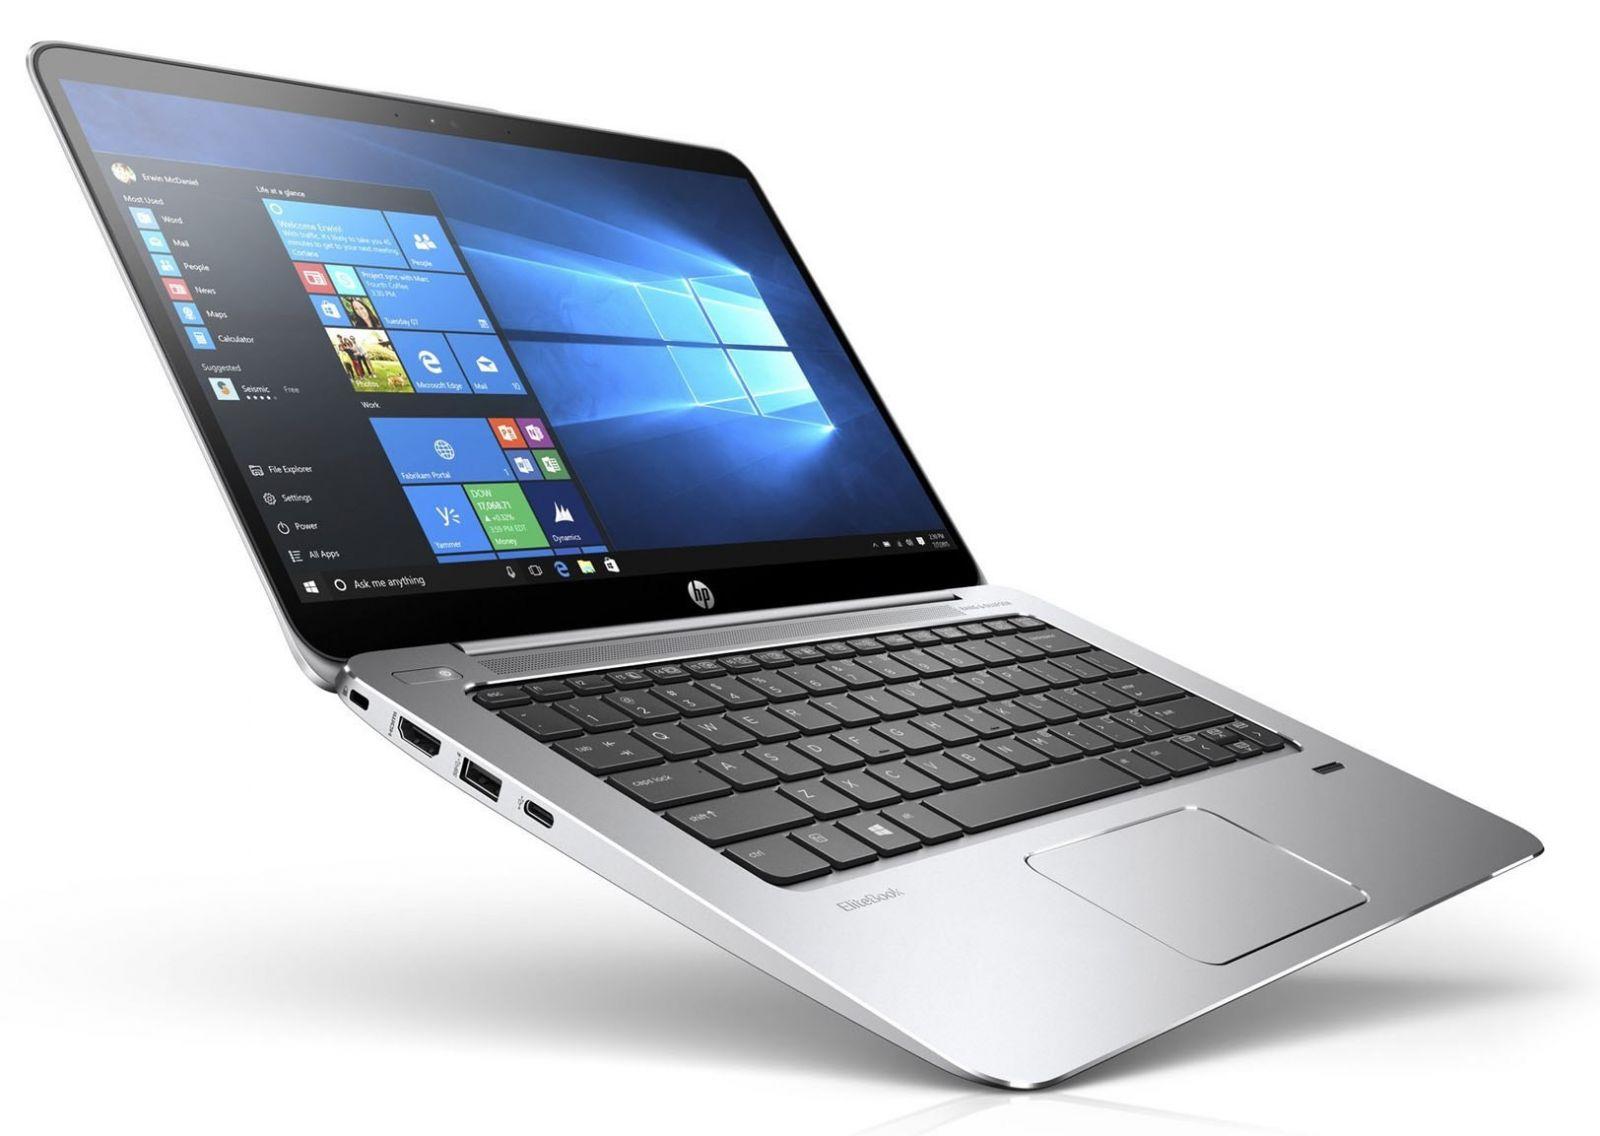 Thiết kế HPEliteBook1030 G1 mỏng bền bỉ